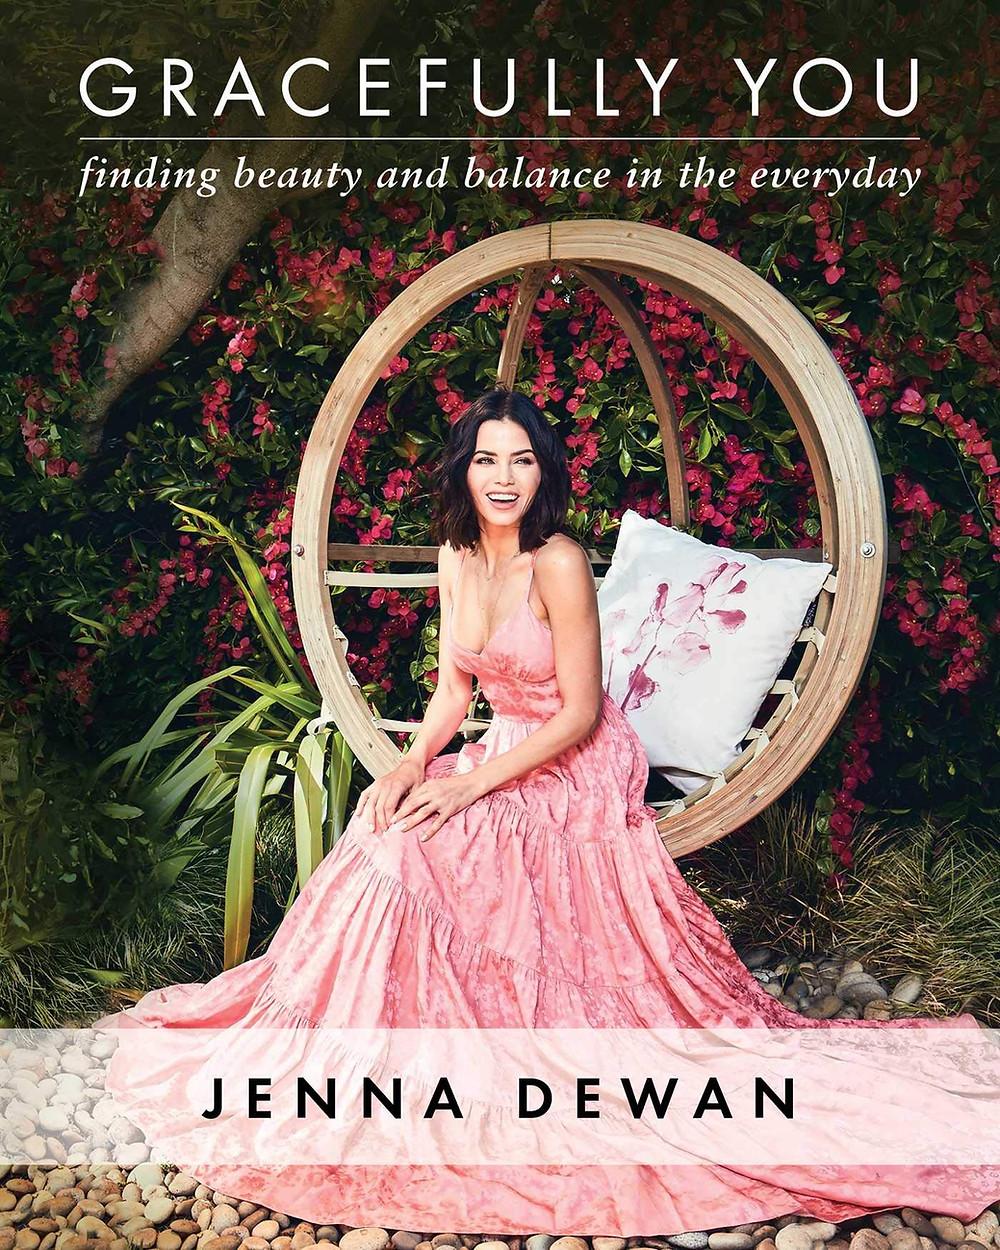 Jenna-Dewan-book